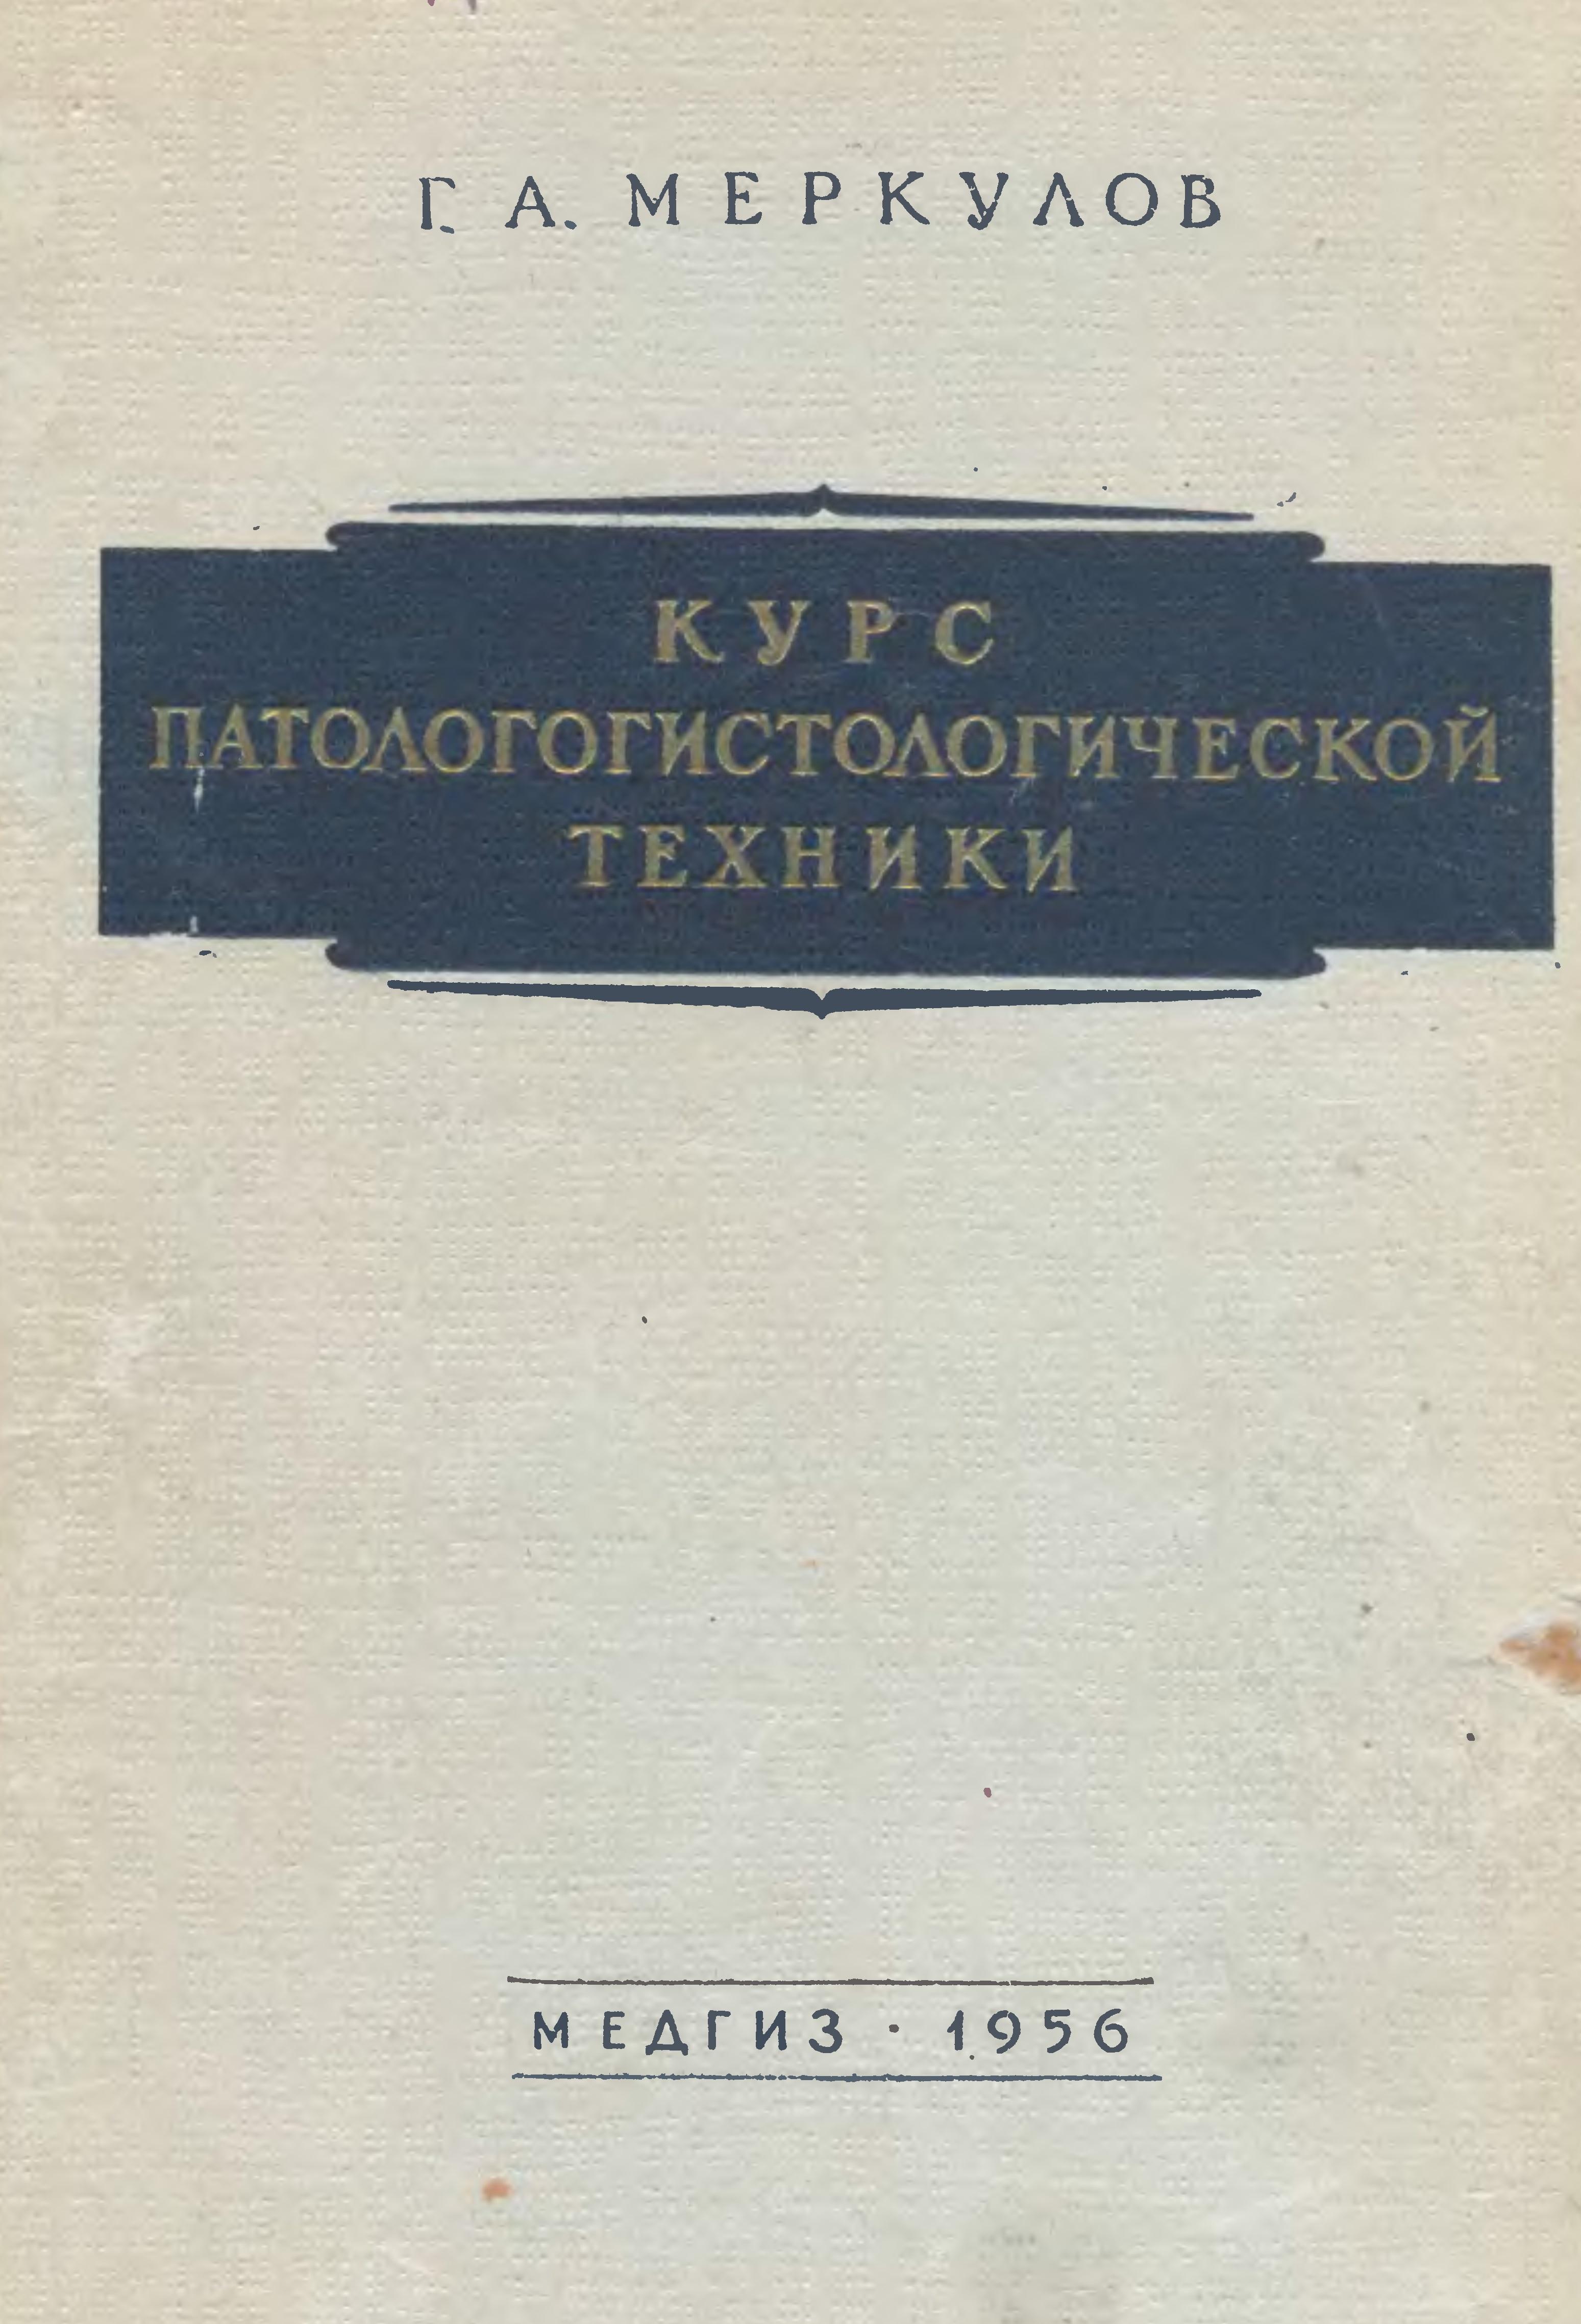 Основы патологогистологической техники, Меркулов ГА, 1956